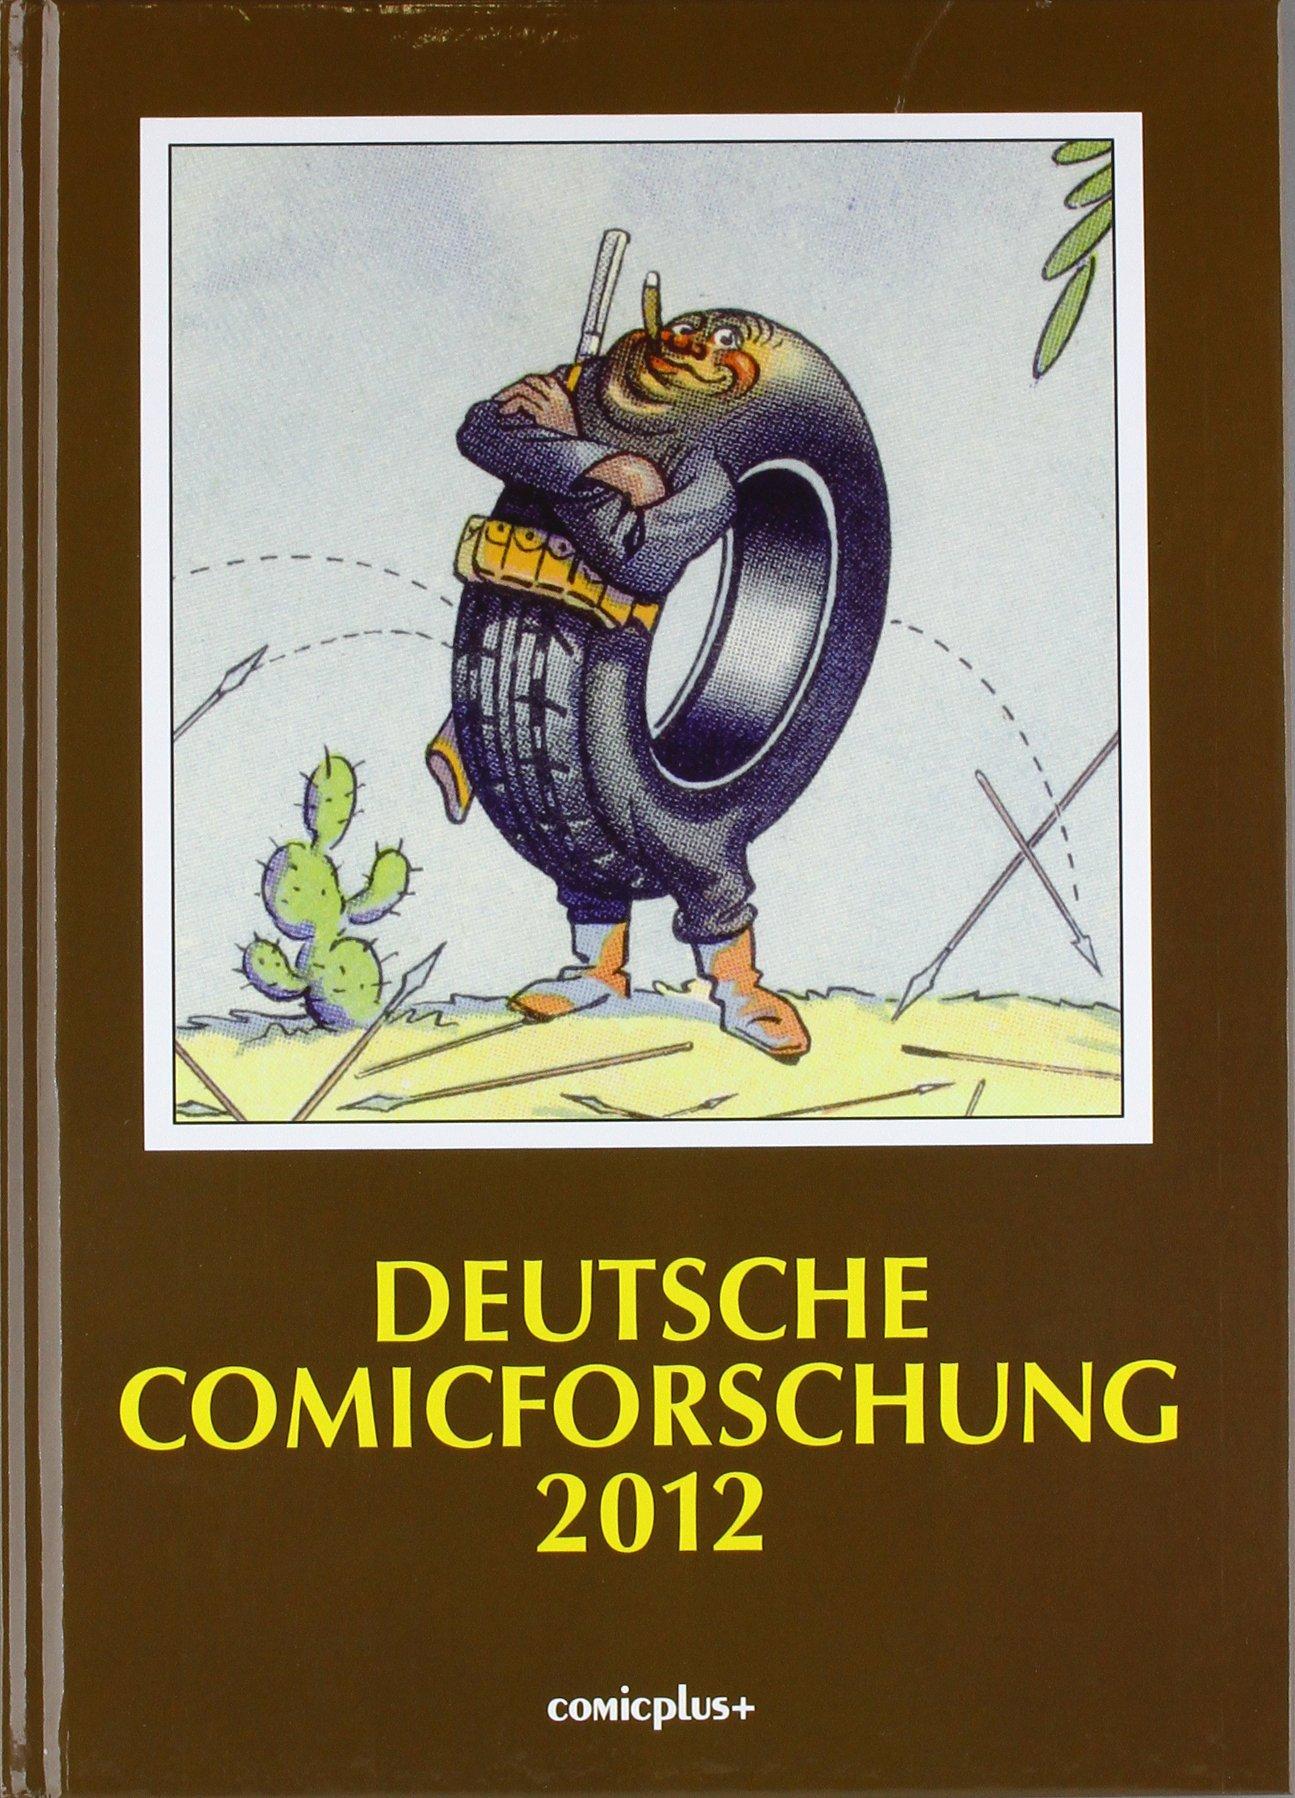 deutsche-comicforschung-2012